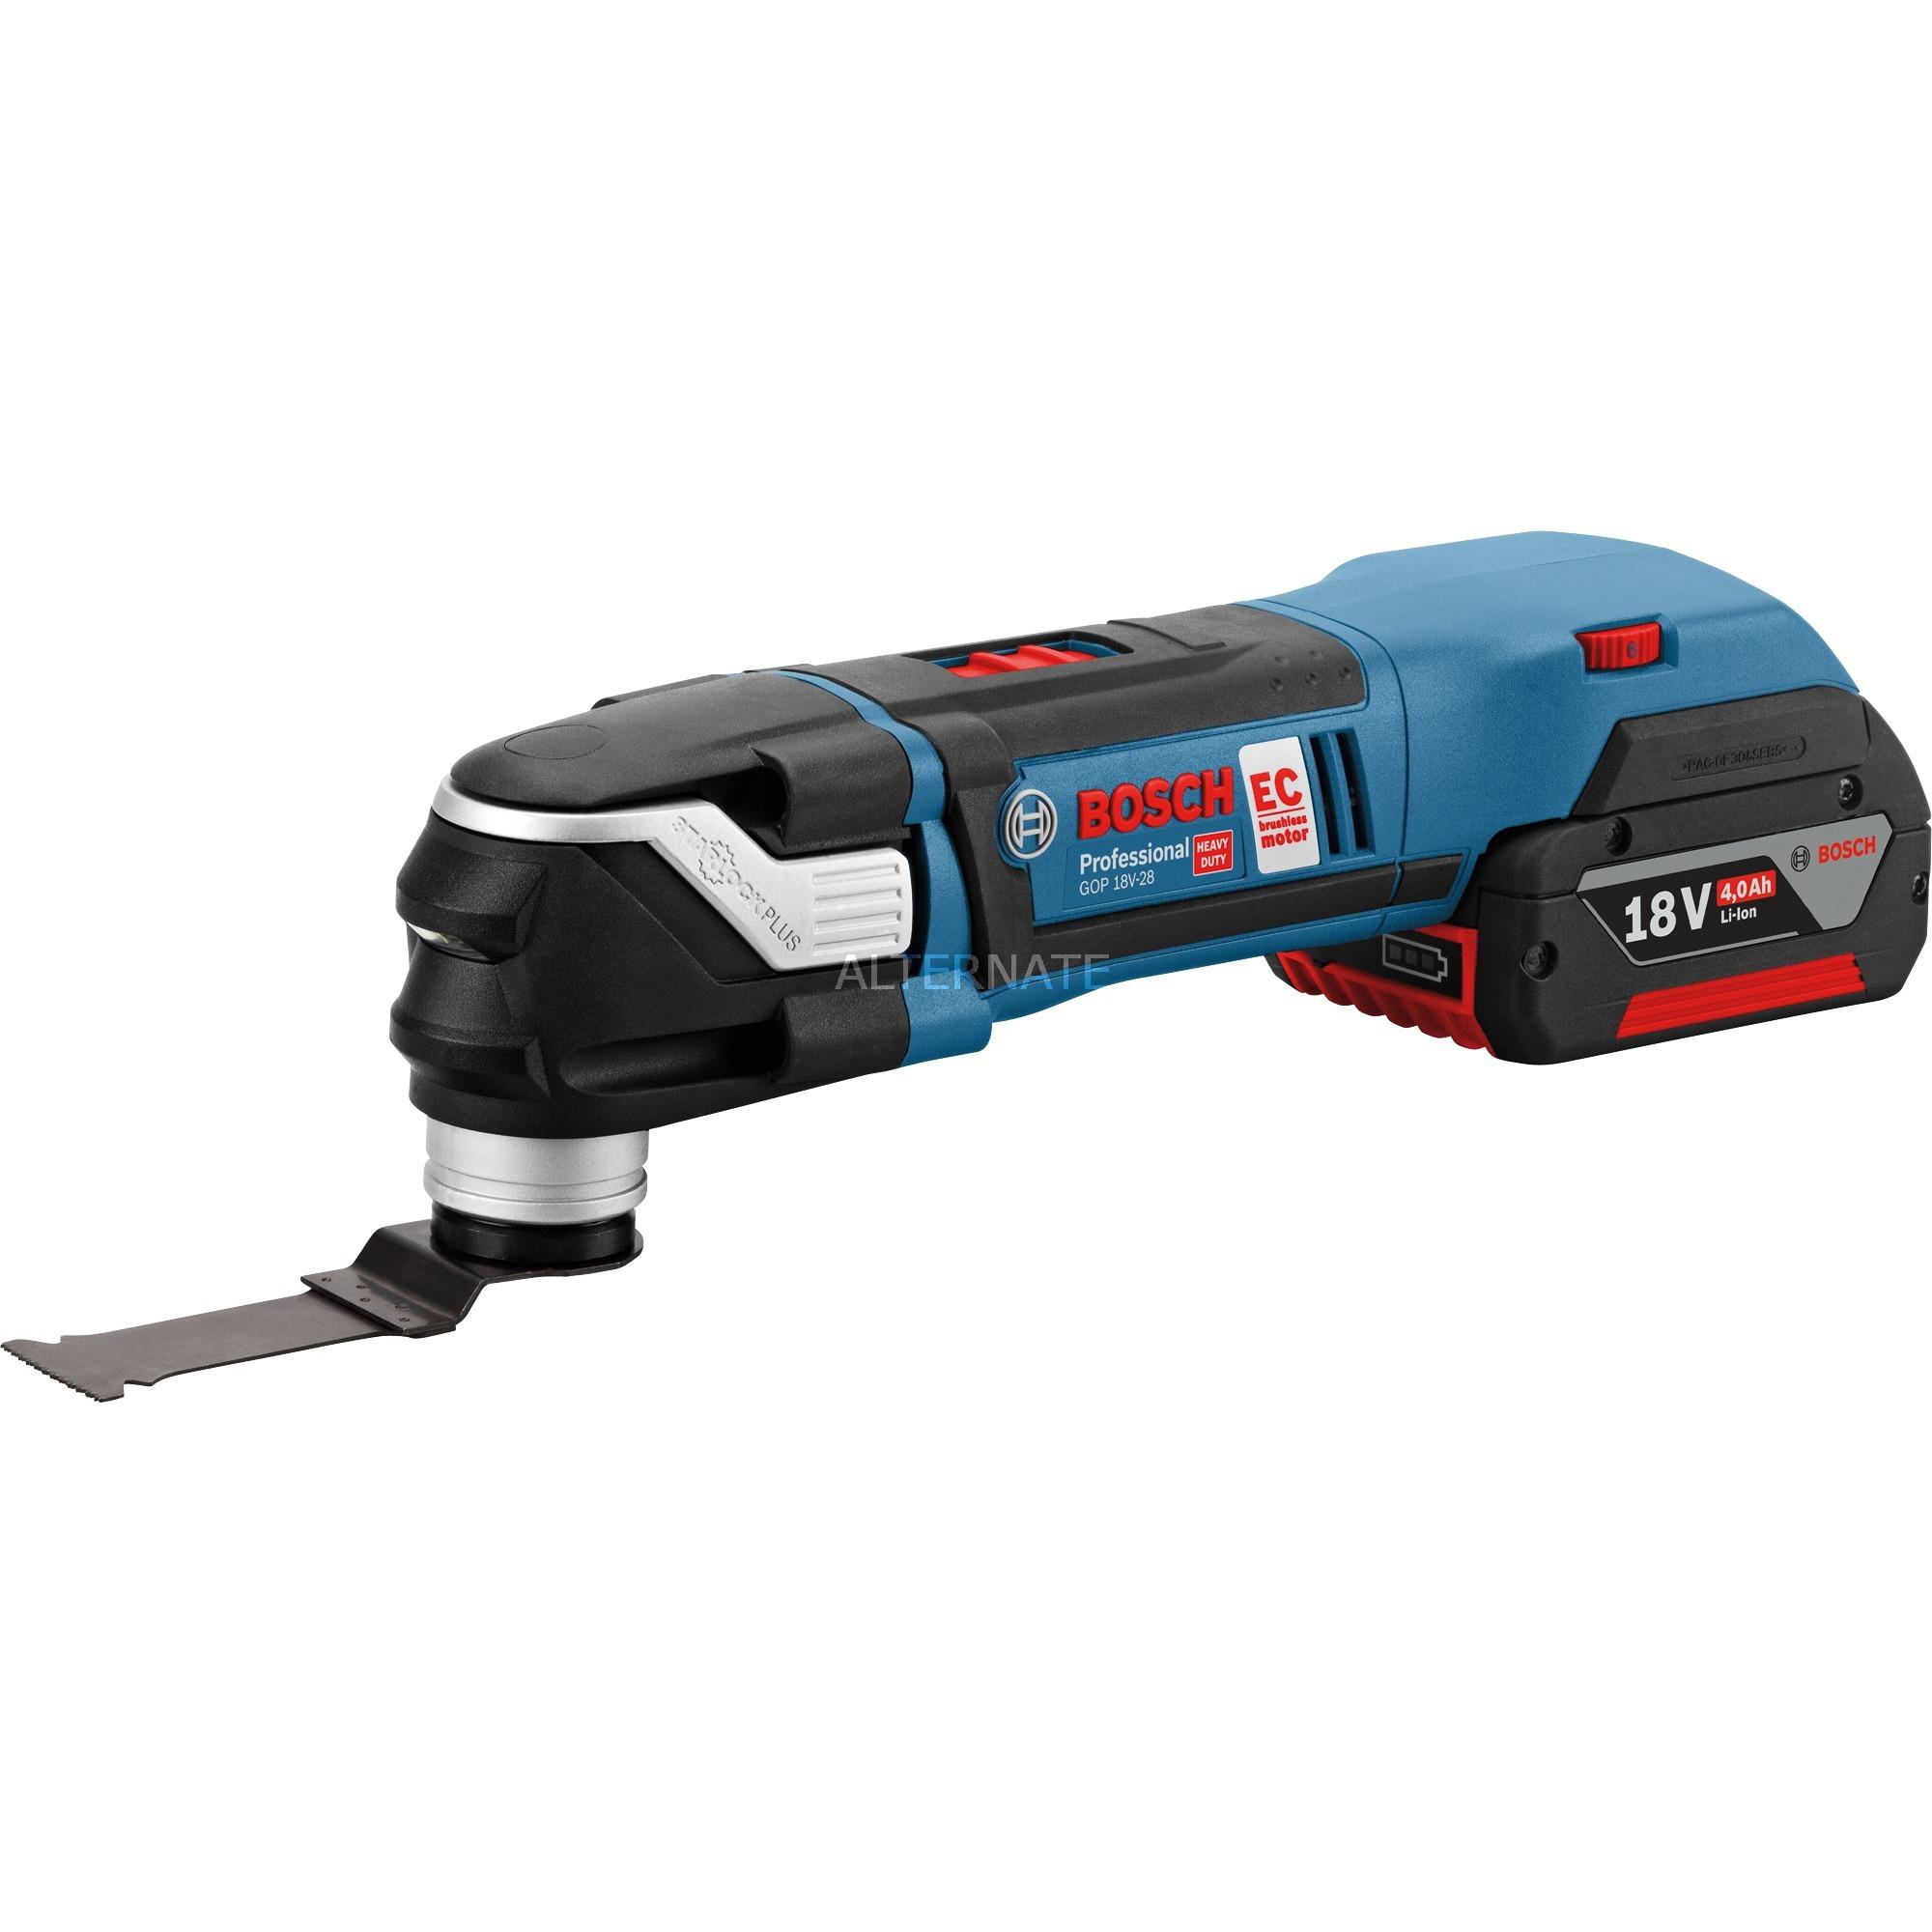 GOP 18V-28 Professional 18V Ión de litio Negro, Azul, Rojo cortador universal inalámbrico, Herramienta multifunción